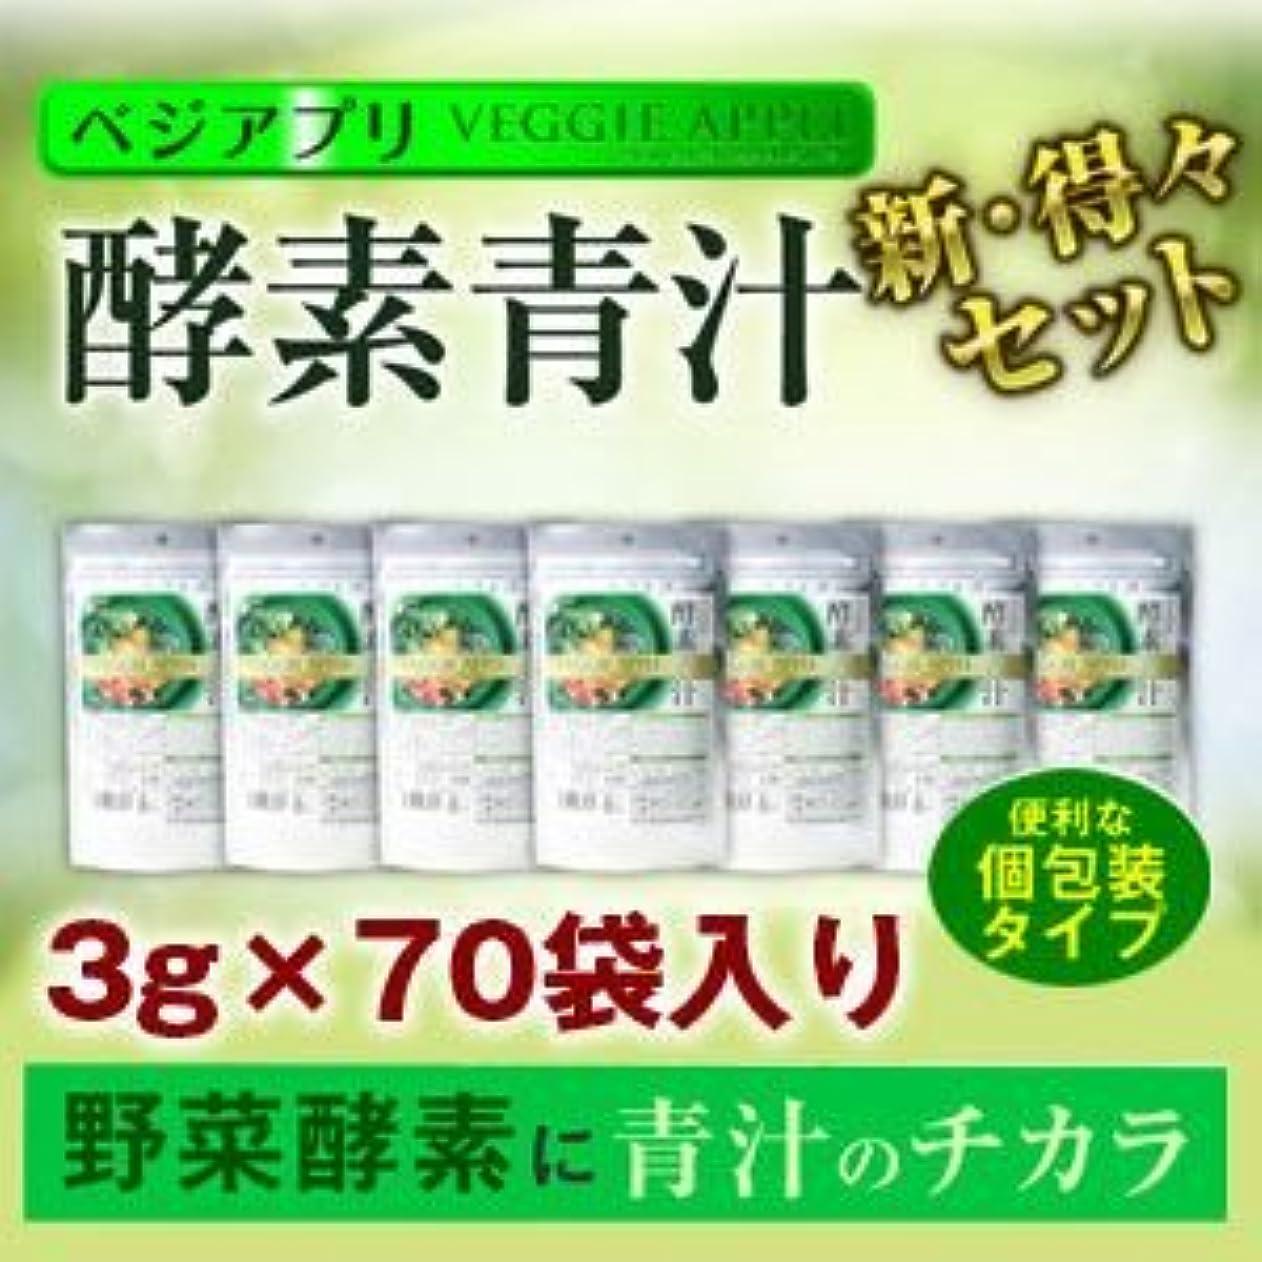 クローン予防接種残高ベジアプリ 酵素青汁 得々セット70袋入り(置き換えダイエット酵素ドリンク)